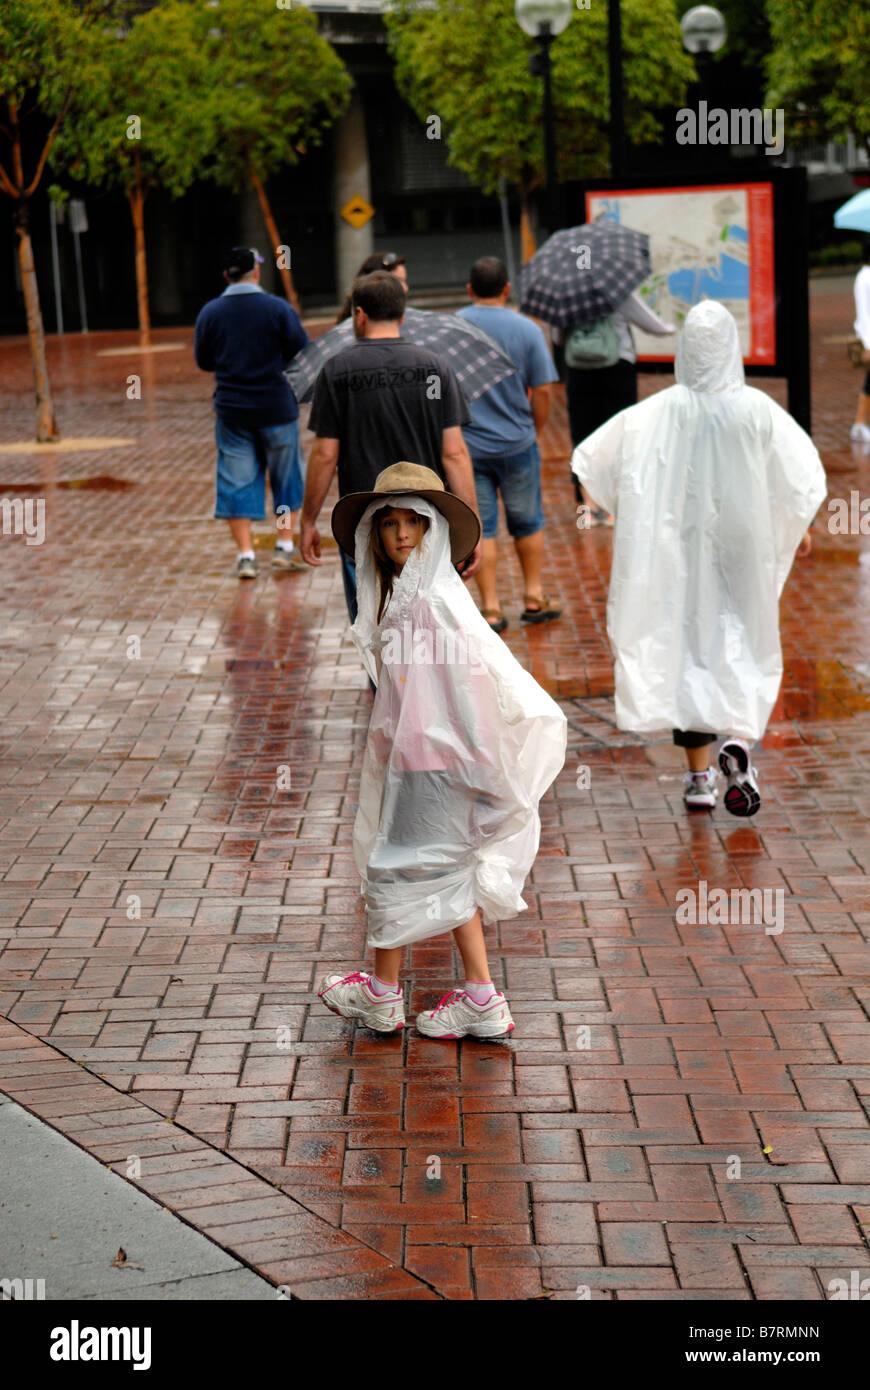 Bambino (6 anni) indossa Episteme bush-hat rispetto alla plastica impermeabile. Darling Harbour, Sydney, Australia Immagini Stock